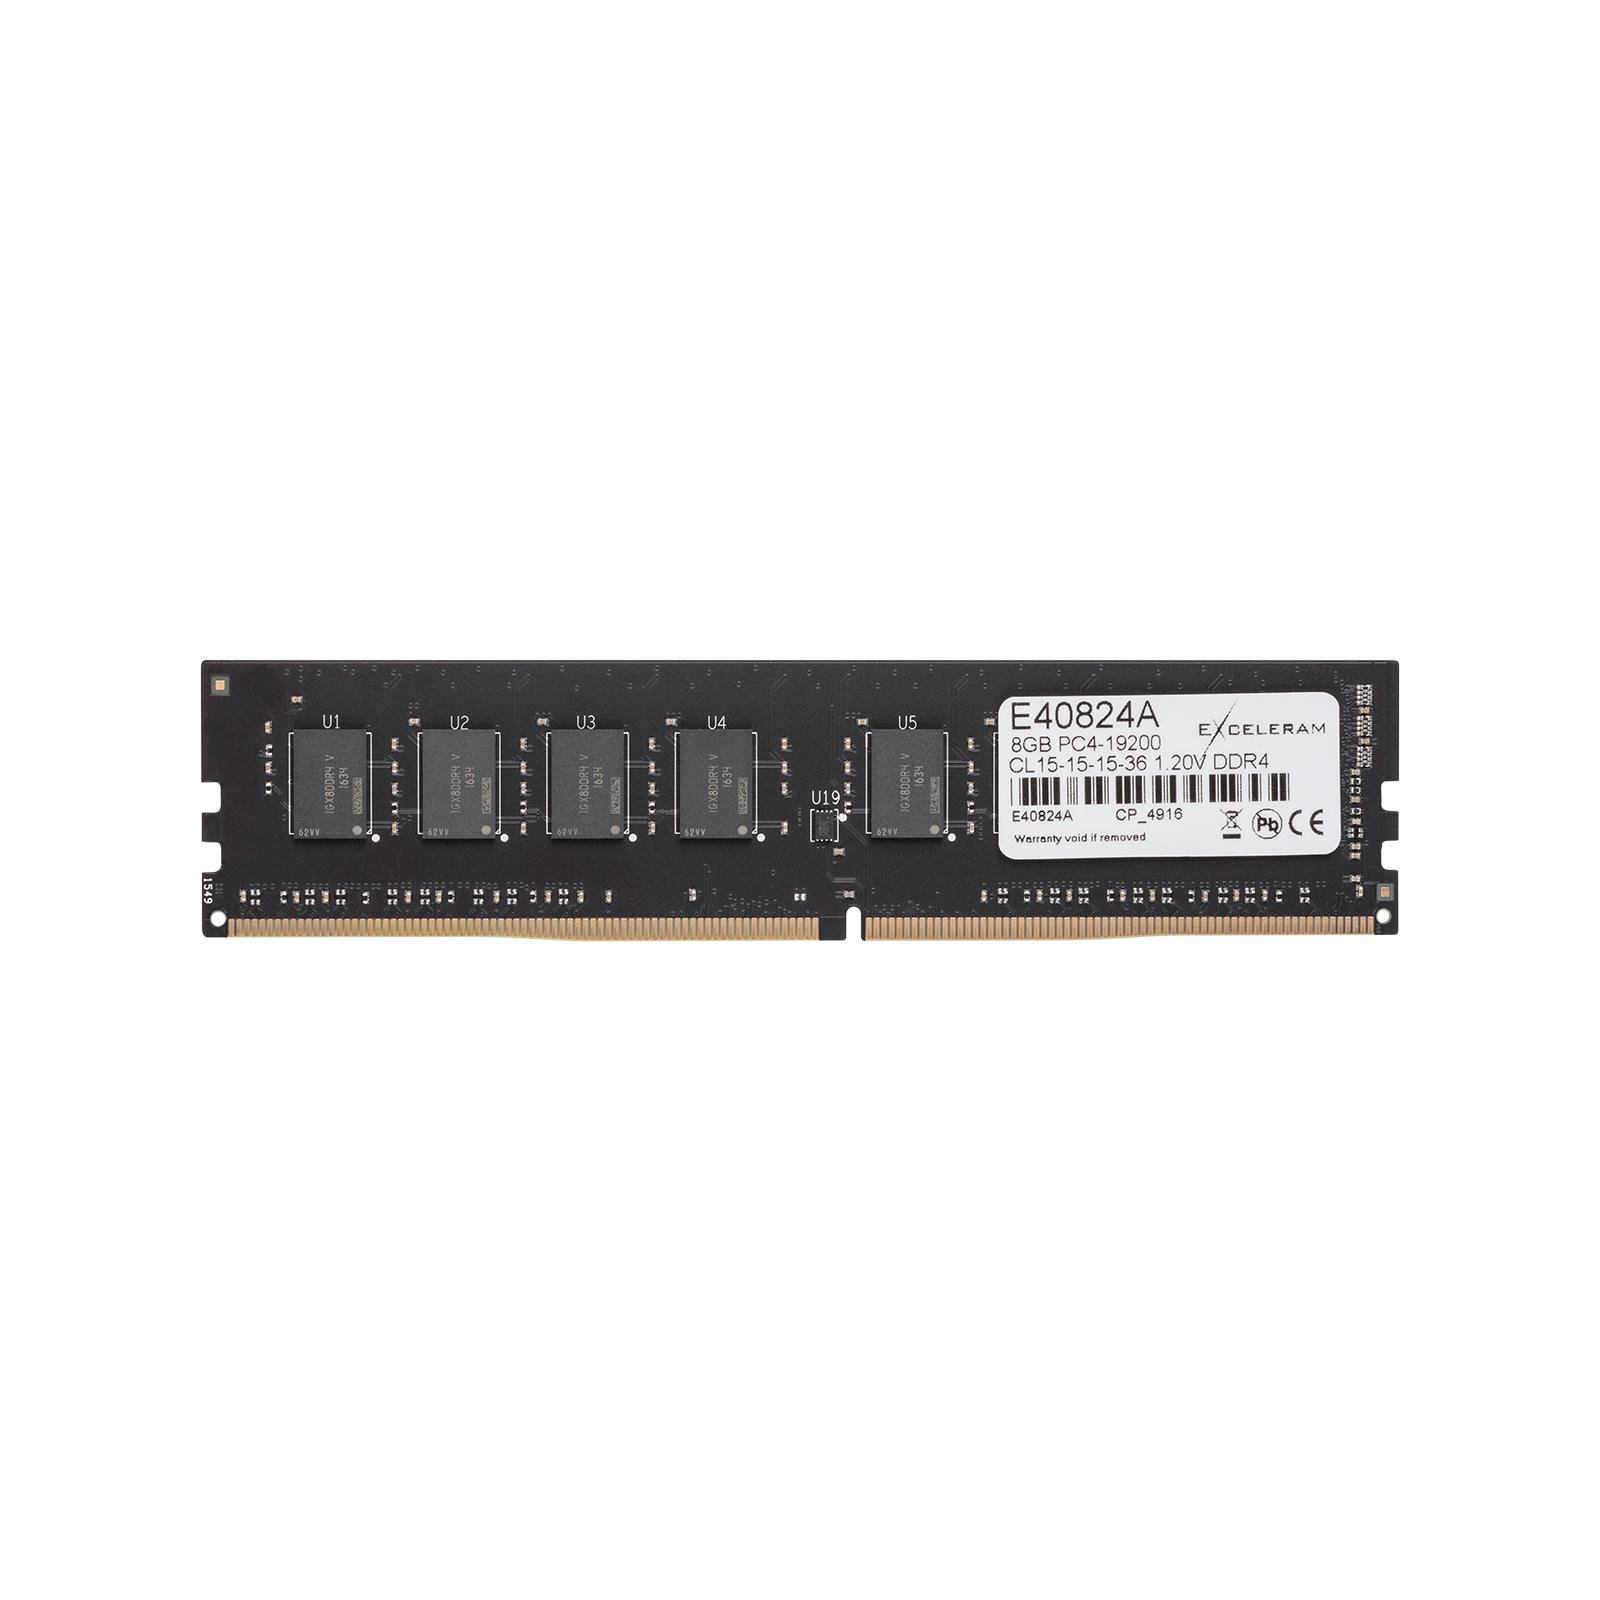 Модуль памяти для компьютера DDR4 8GB 2400 MHz eXceleram (E40824A) изображение 2